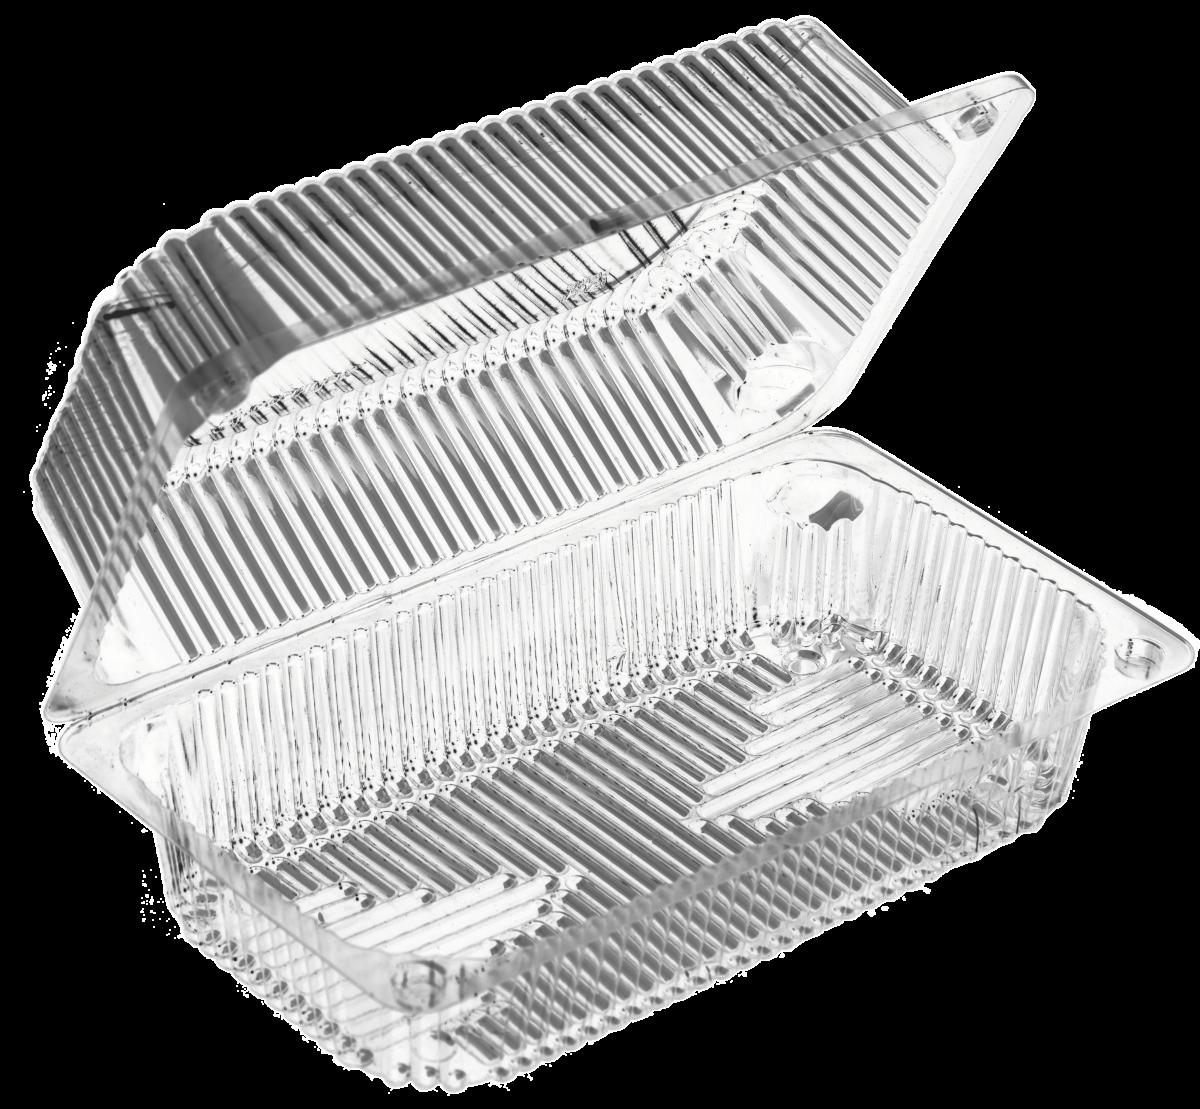 Харчовий PET-контейнер PRO serivce, 1740мл- Фото - Biosphere